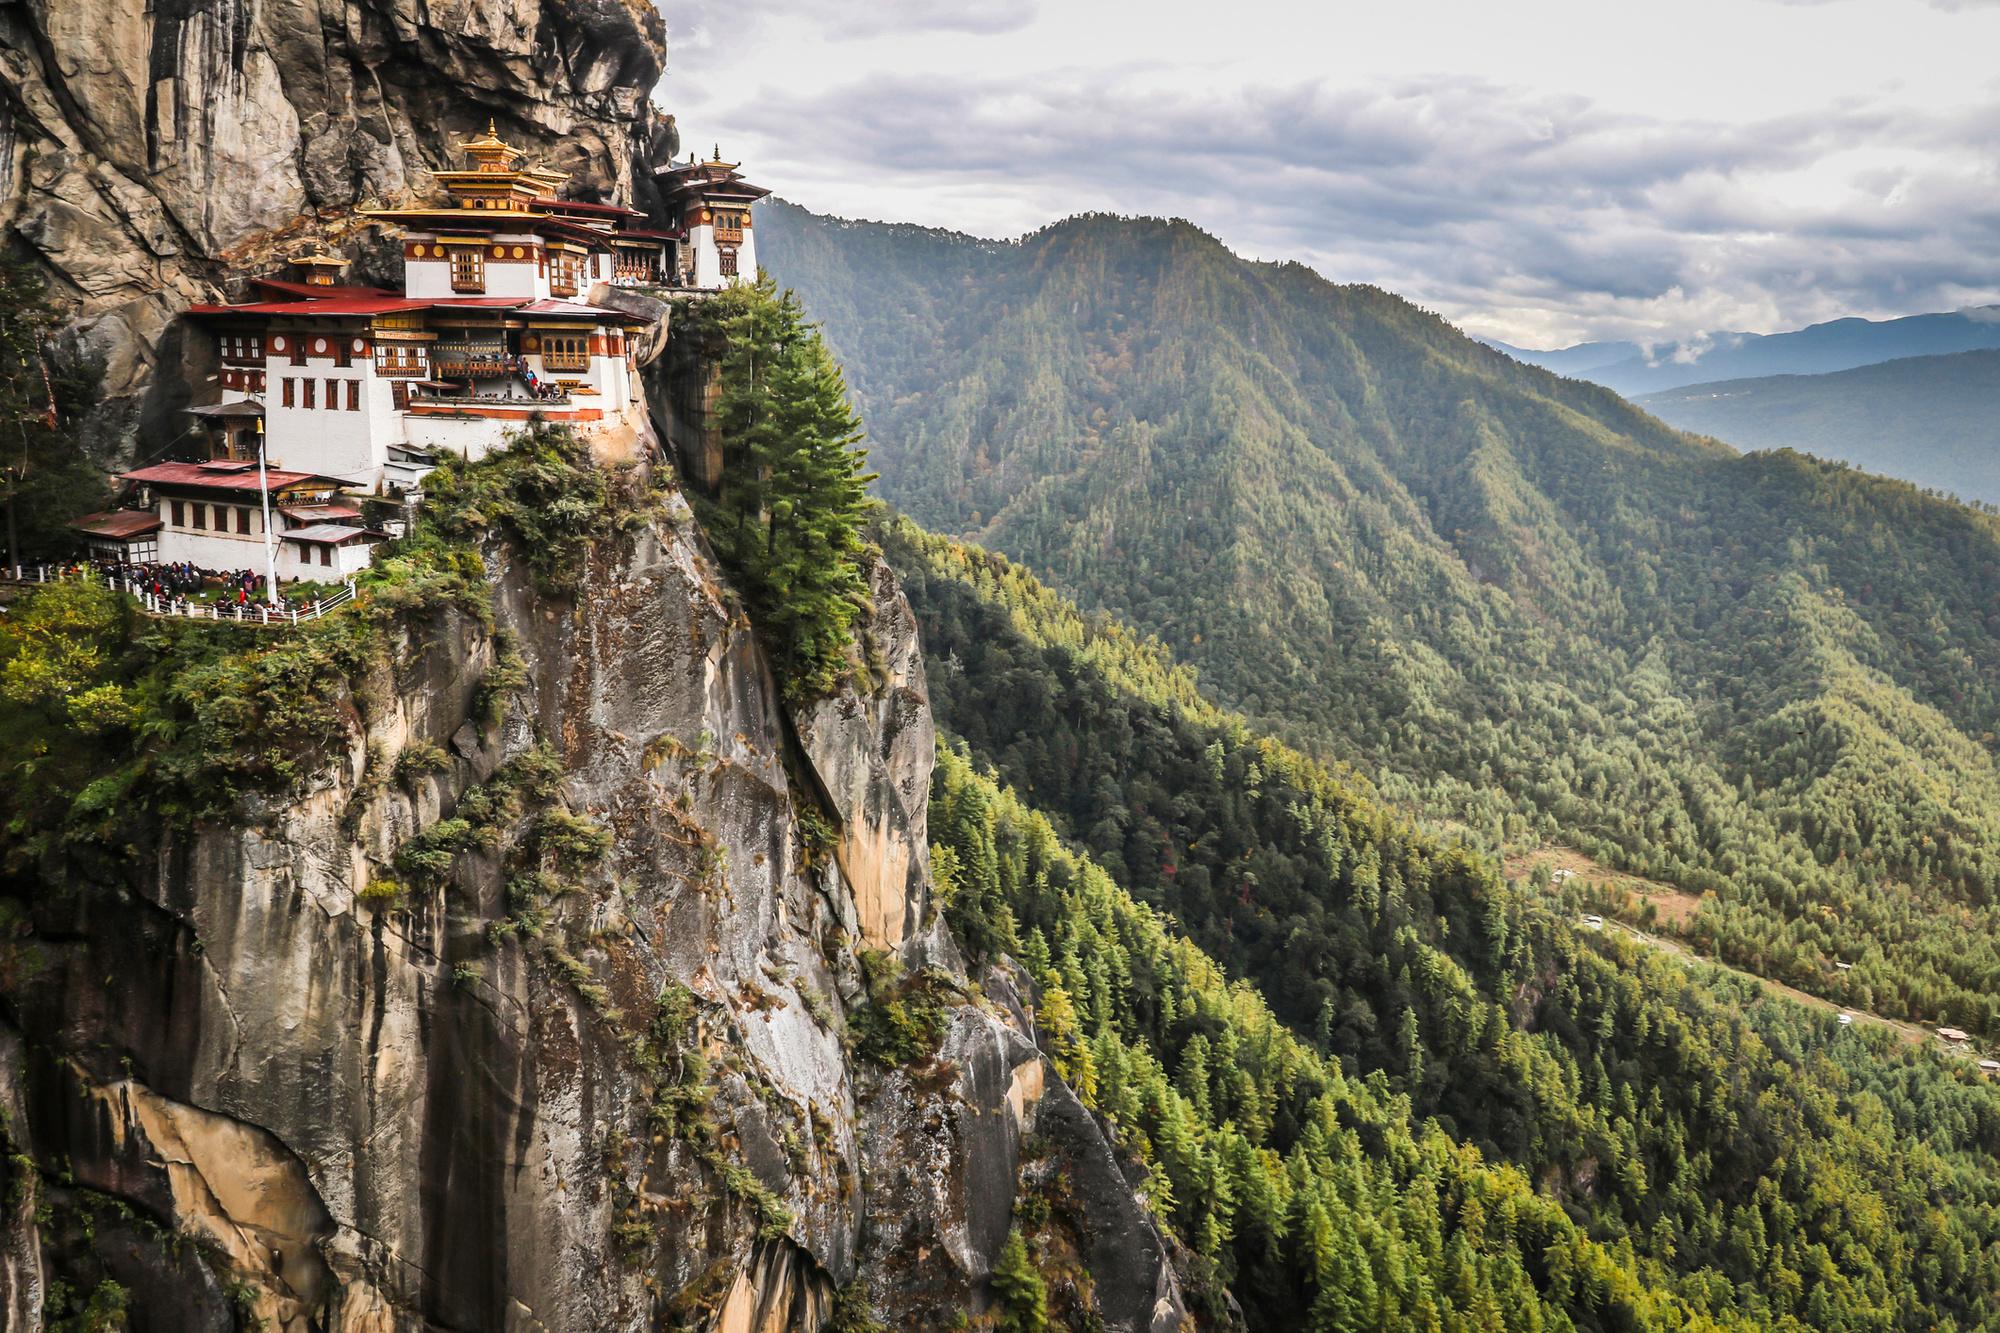 Onderweg passeerde Alexandra David verschillende kloosters, die er gelijkaardig uitzien als dit klooser op de foto. , Getty Images